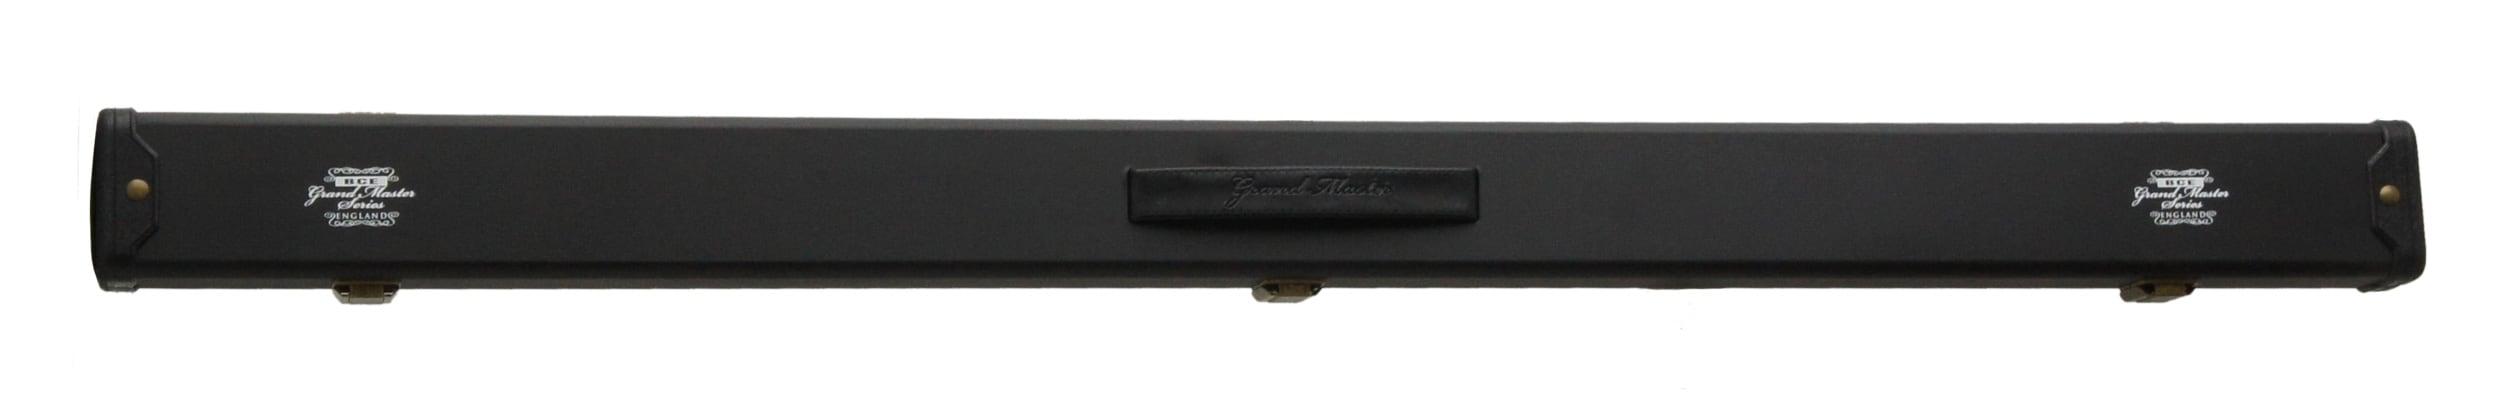 3pceキュー用 グランドマスターケース ブラック cc-gm2 商品画像